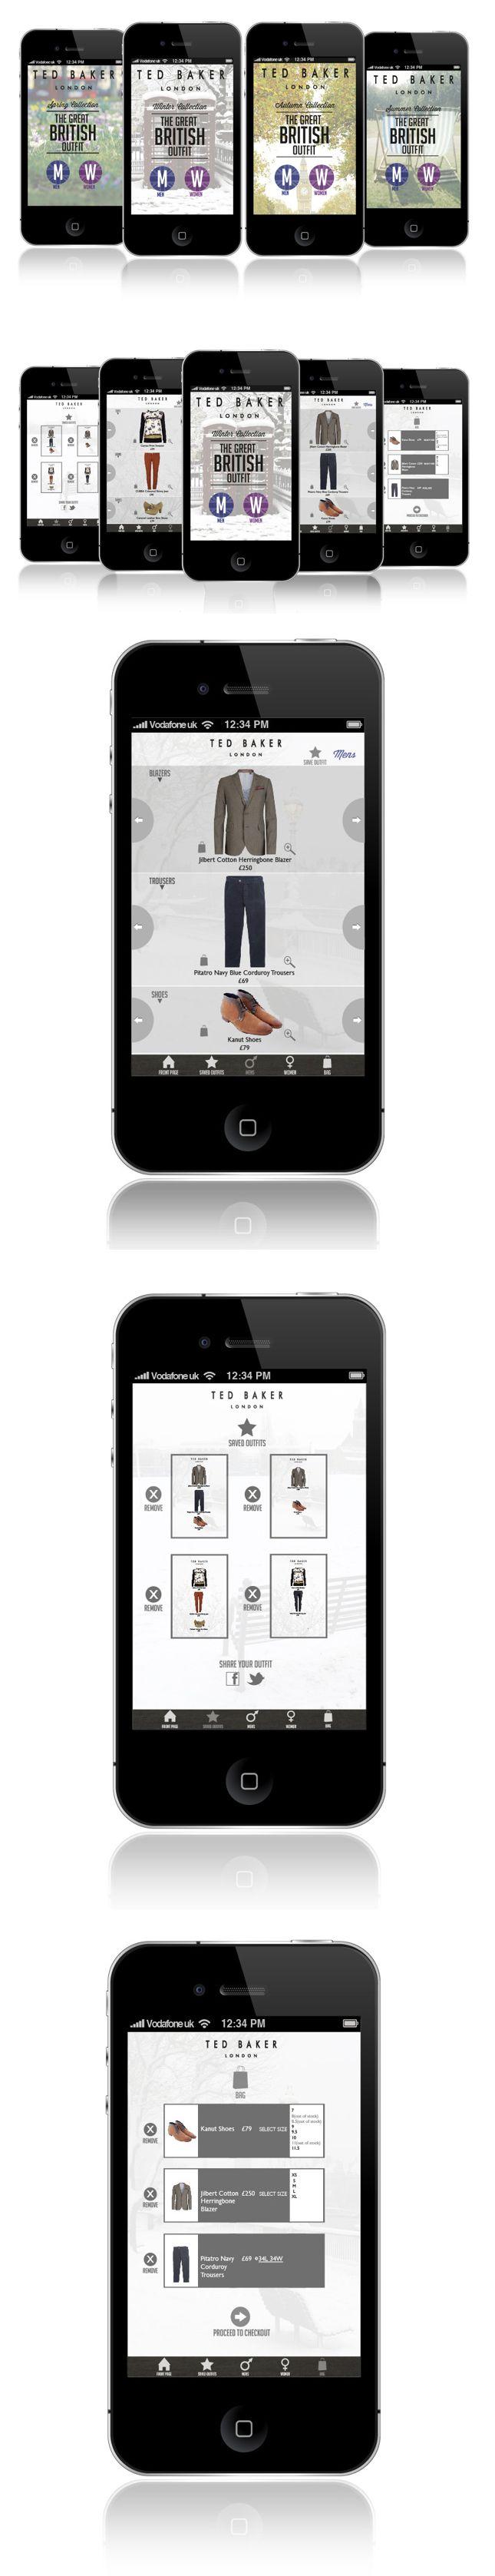 APP Design. UI Mobile. Fashion E-commerce Design.